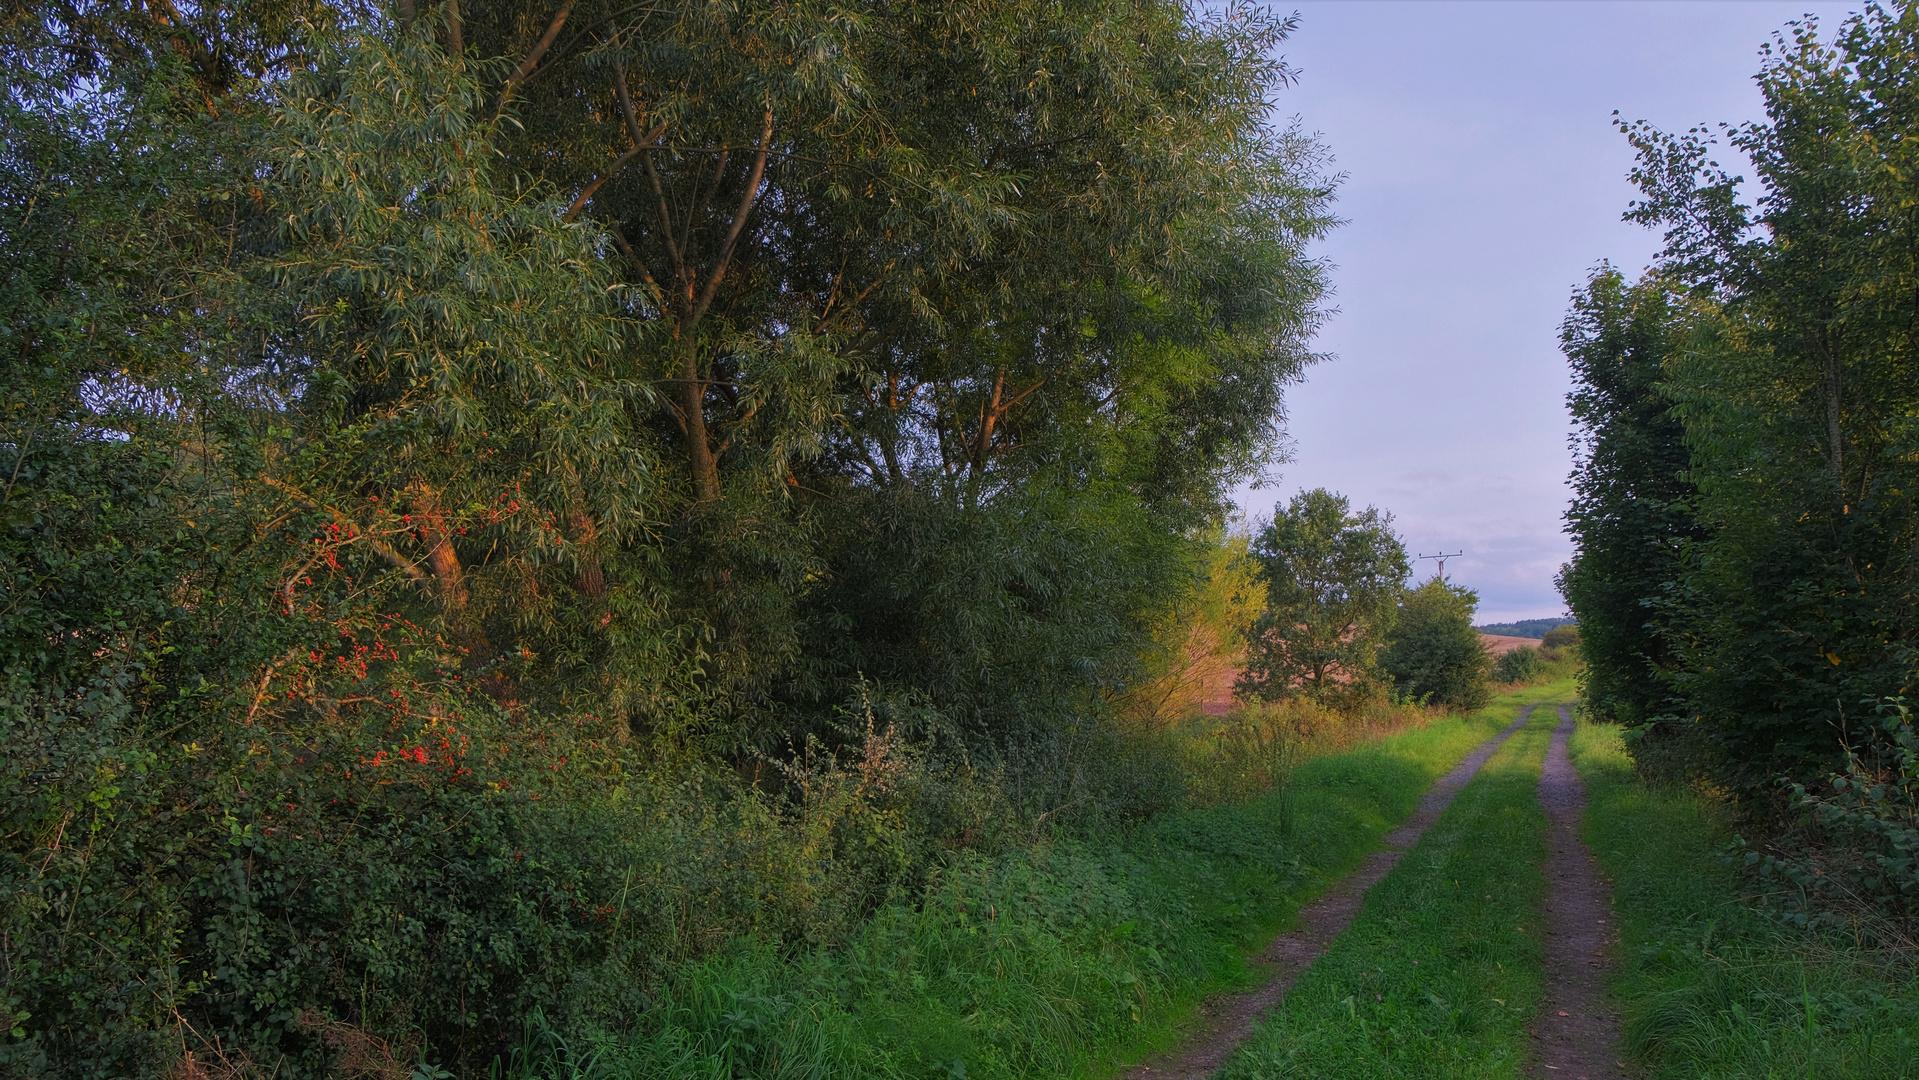 Weg am See (camino al lado del lago)